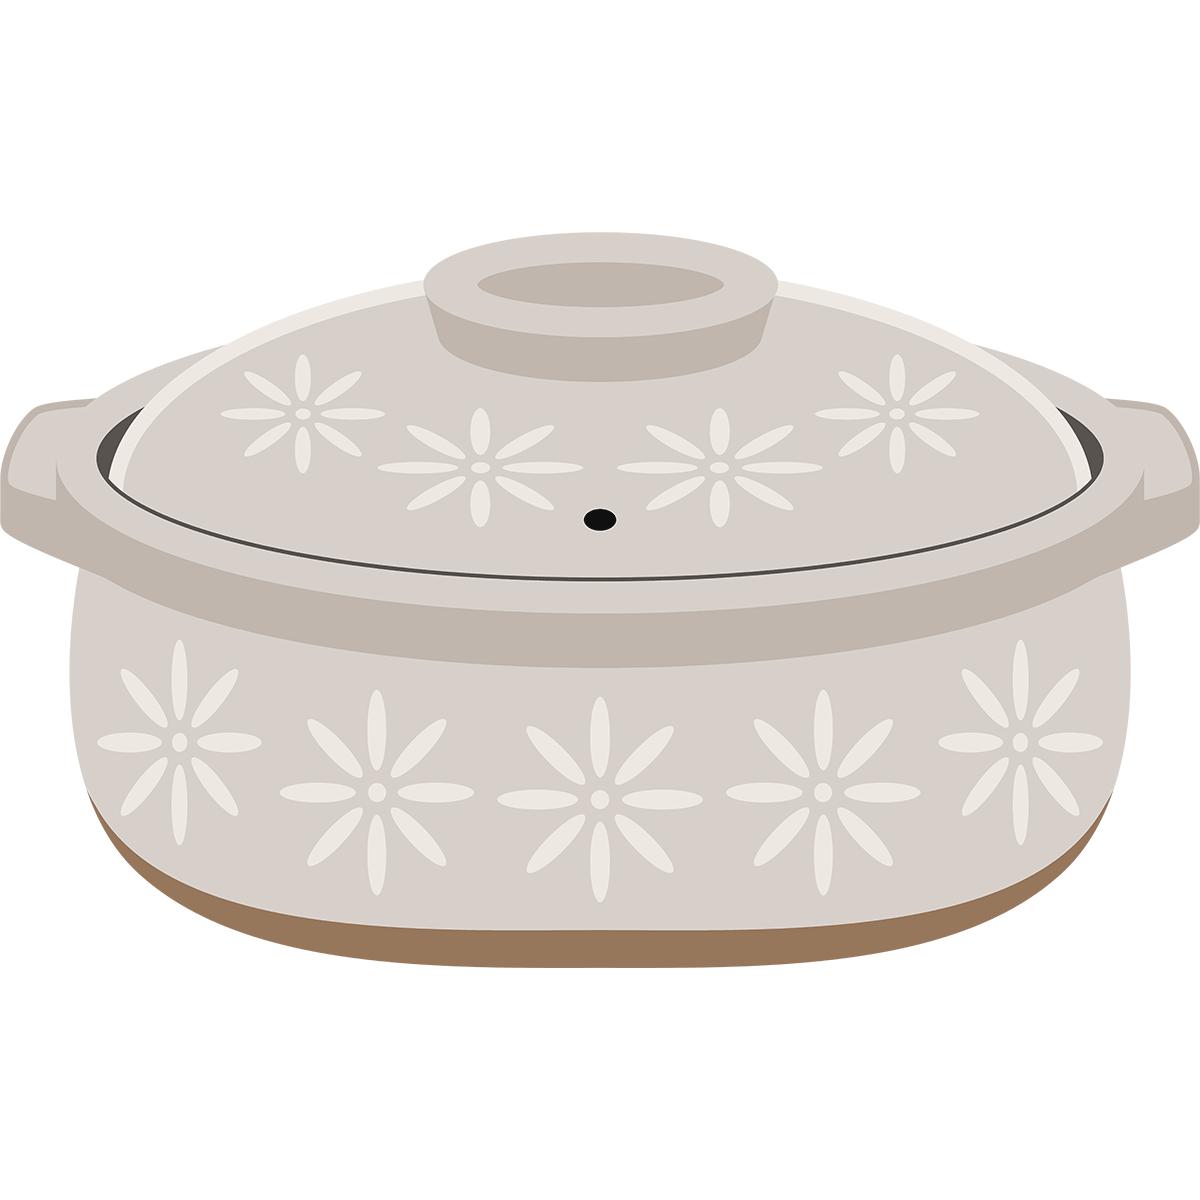 土鍋の無料イラスト